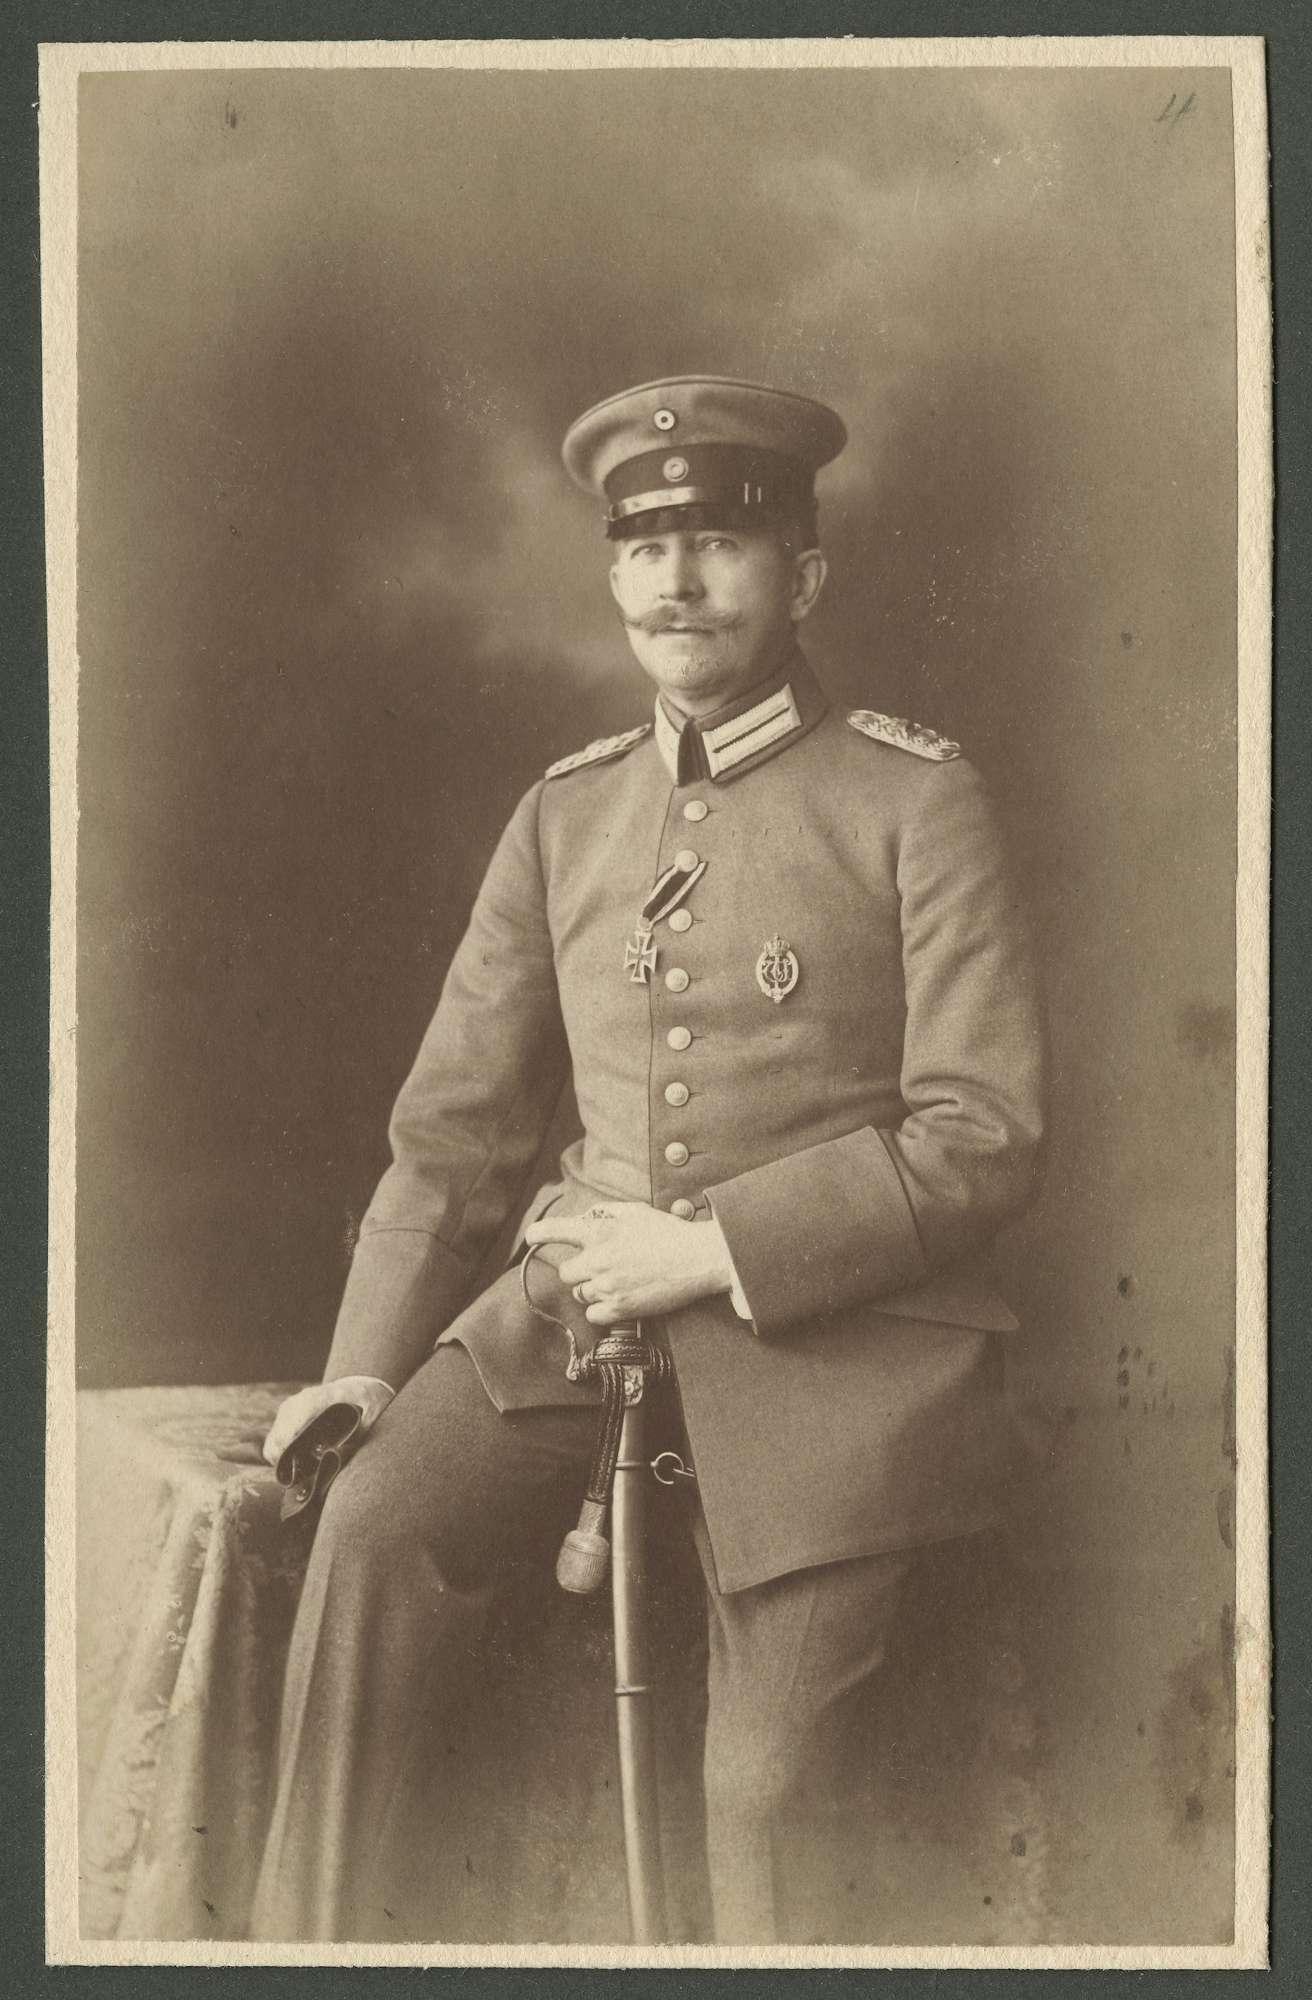 Reischach, August von, Graf, Bild 2